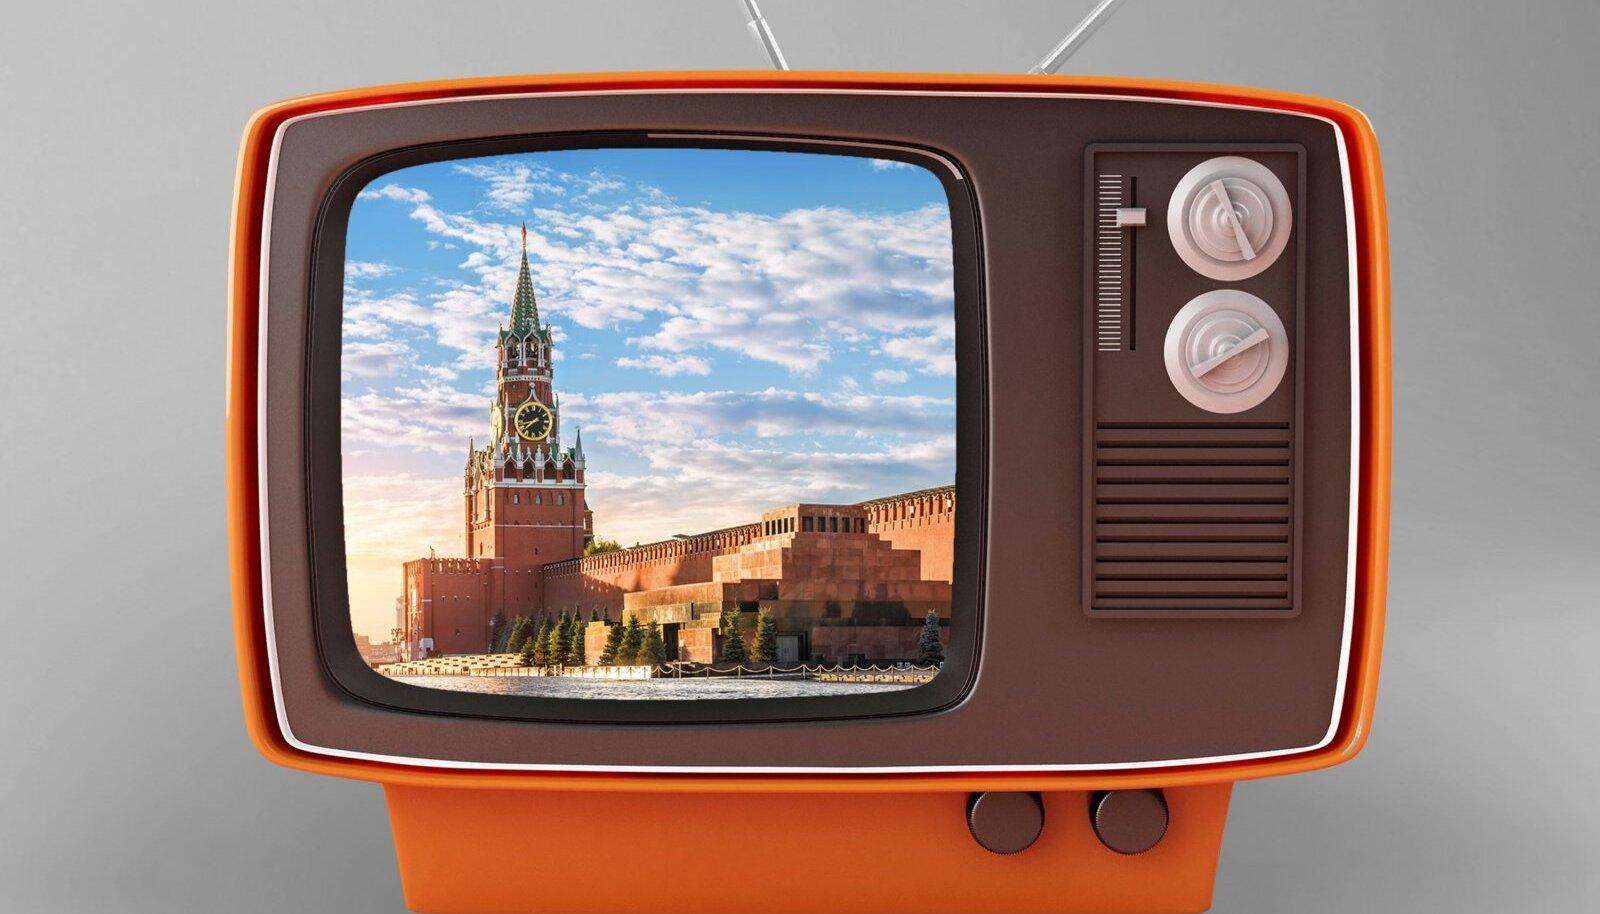 Šahh matt. Hiigelnõue ja rängad kahtlustused ähvardavad vene televaatajate lemmiku eetrist suruda